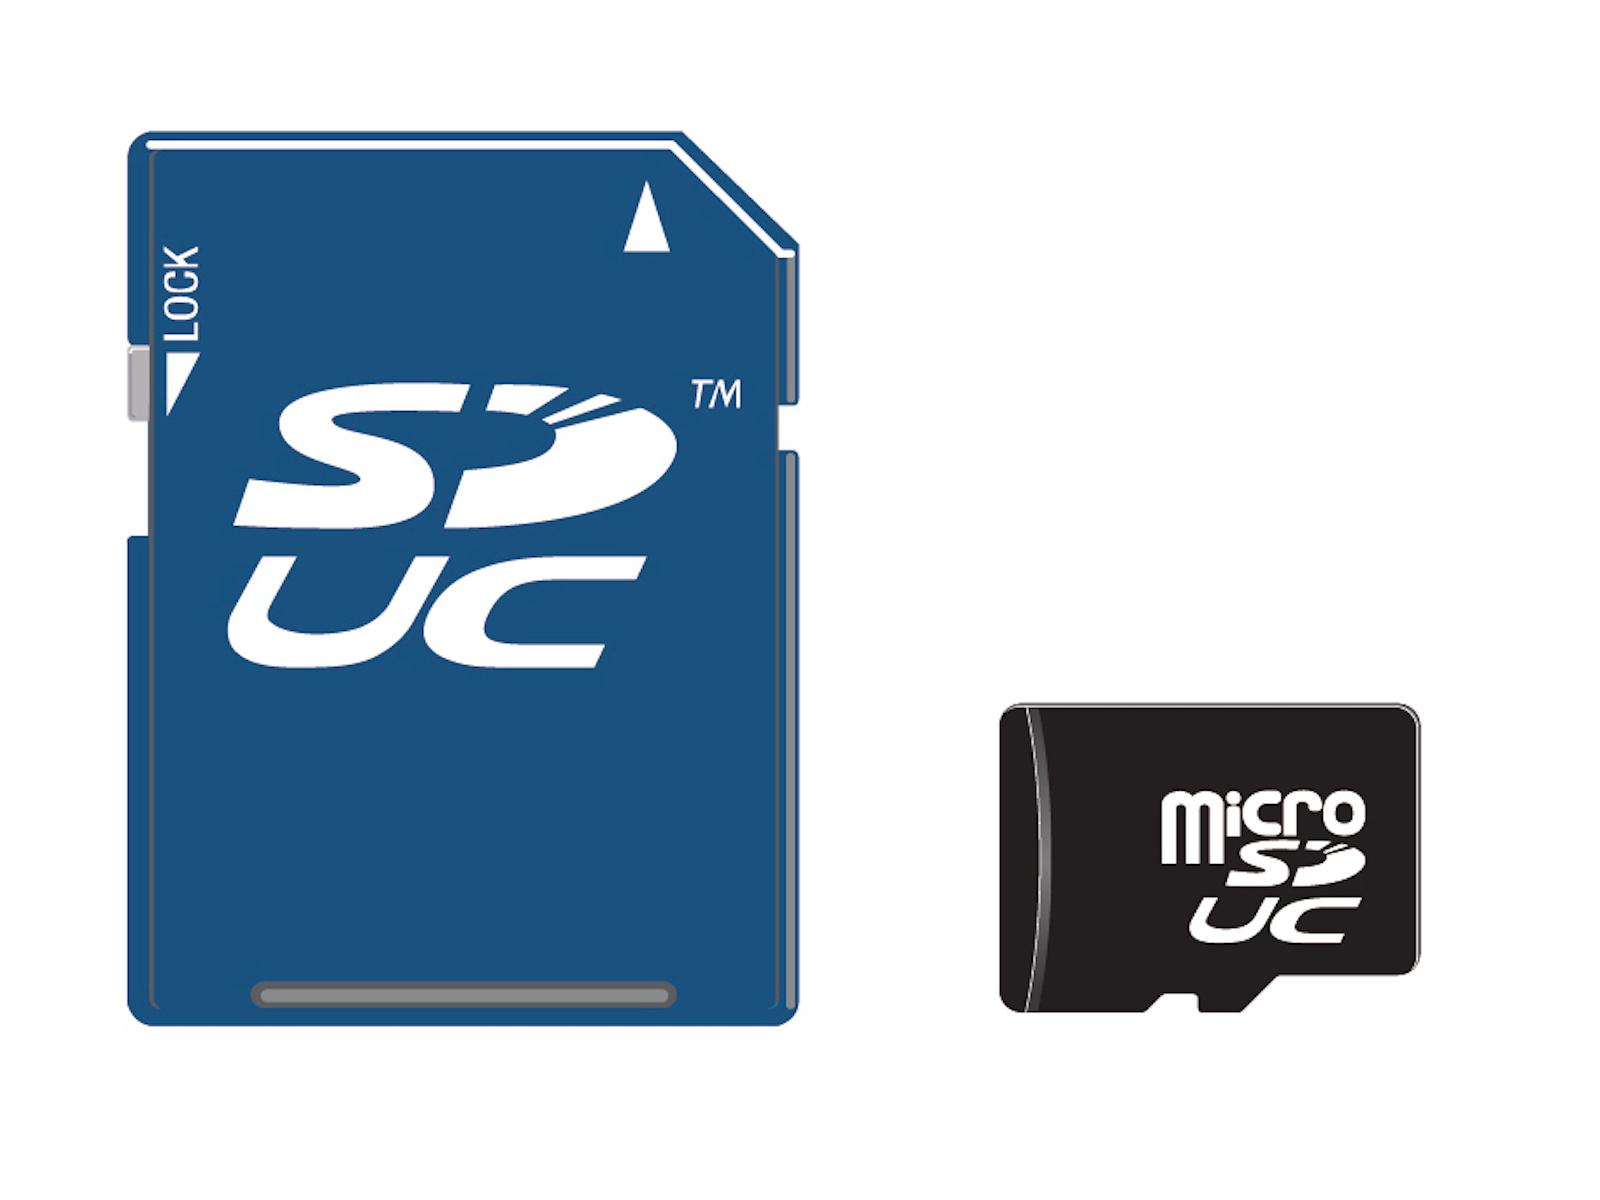 SDUC microSDUC highres